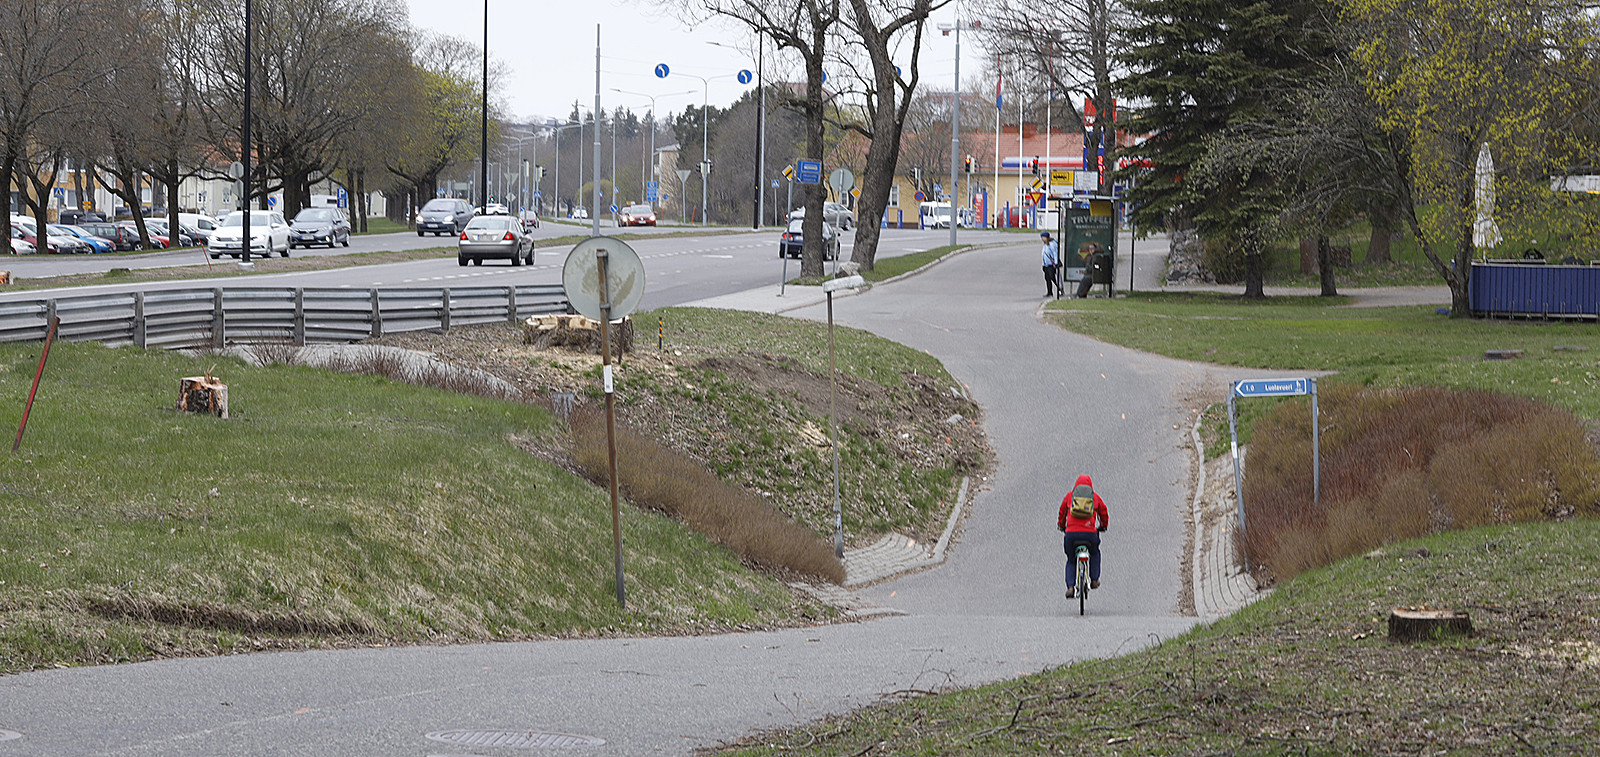 Pyöräilijä pyörätiellä